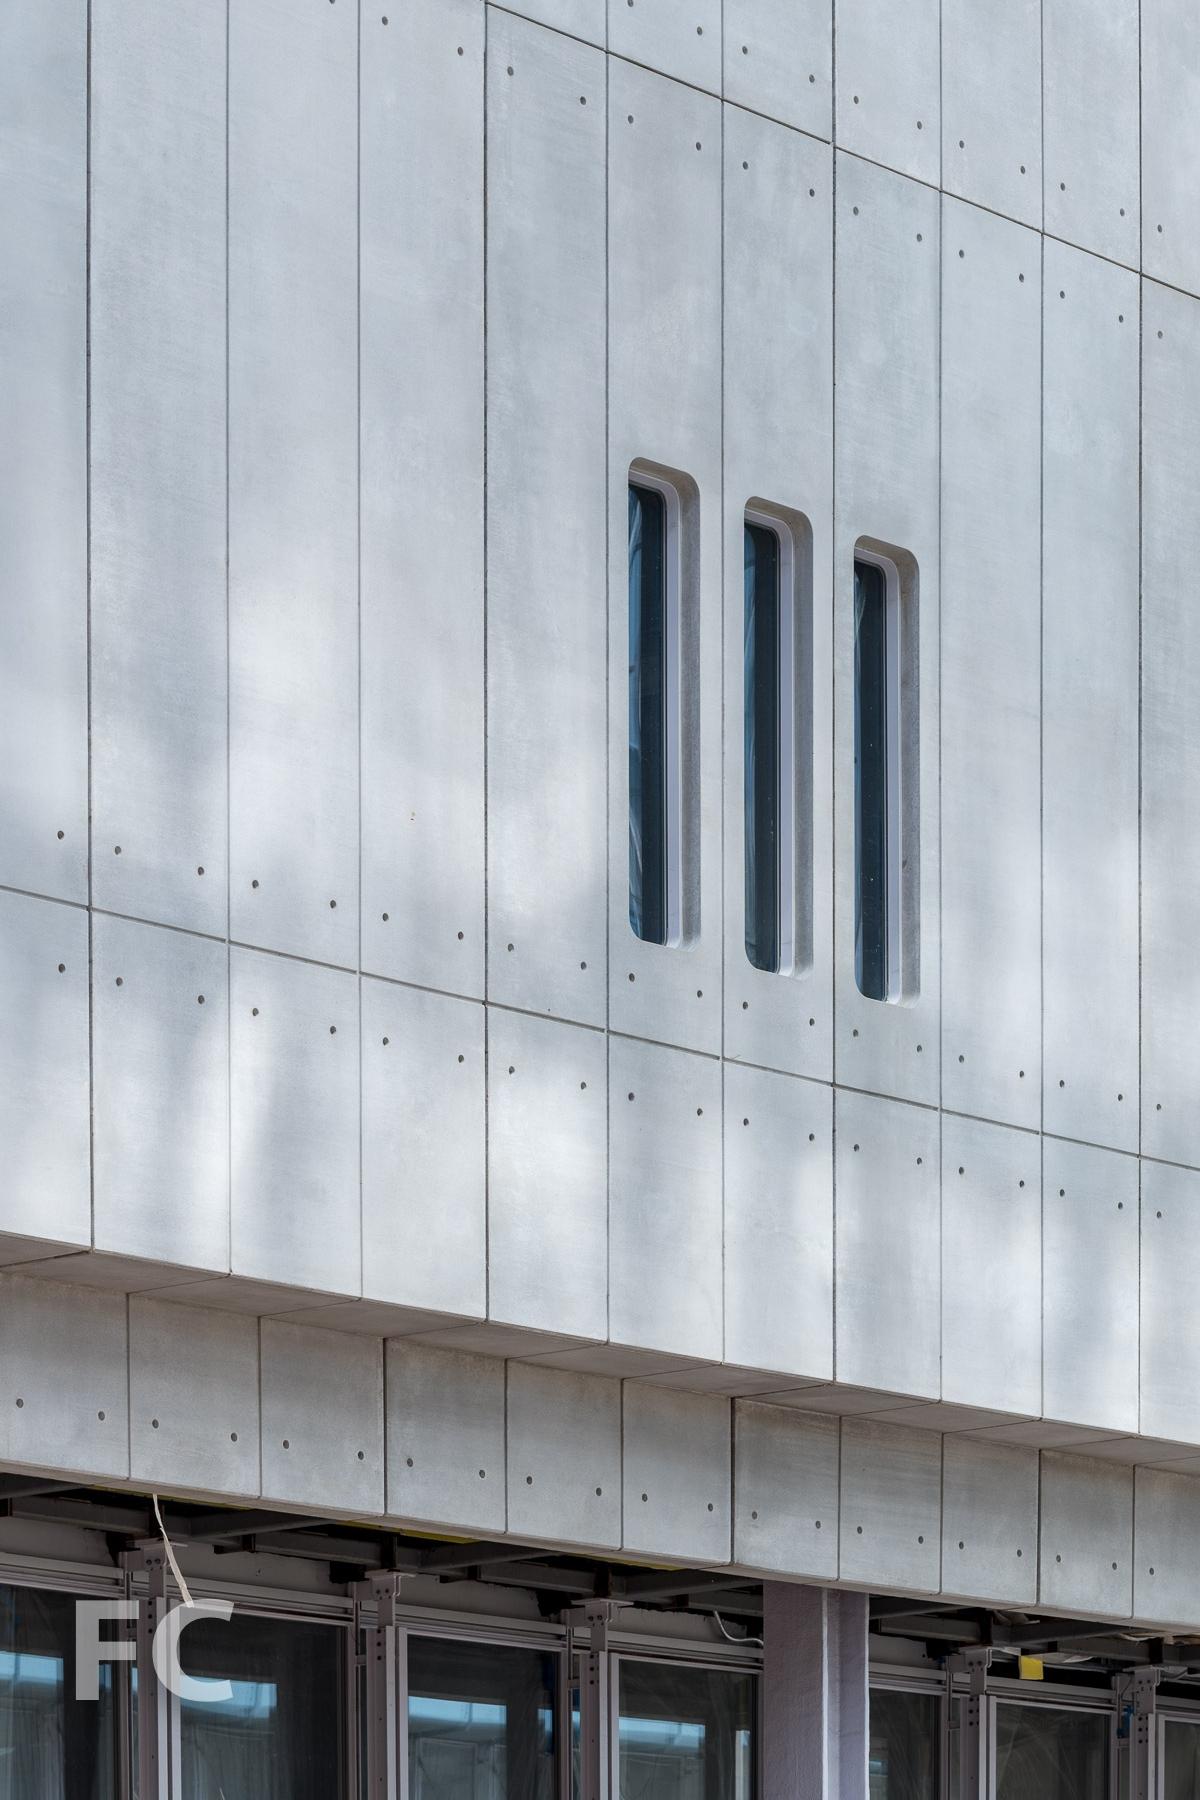 Precast concrete facade close-up.